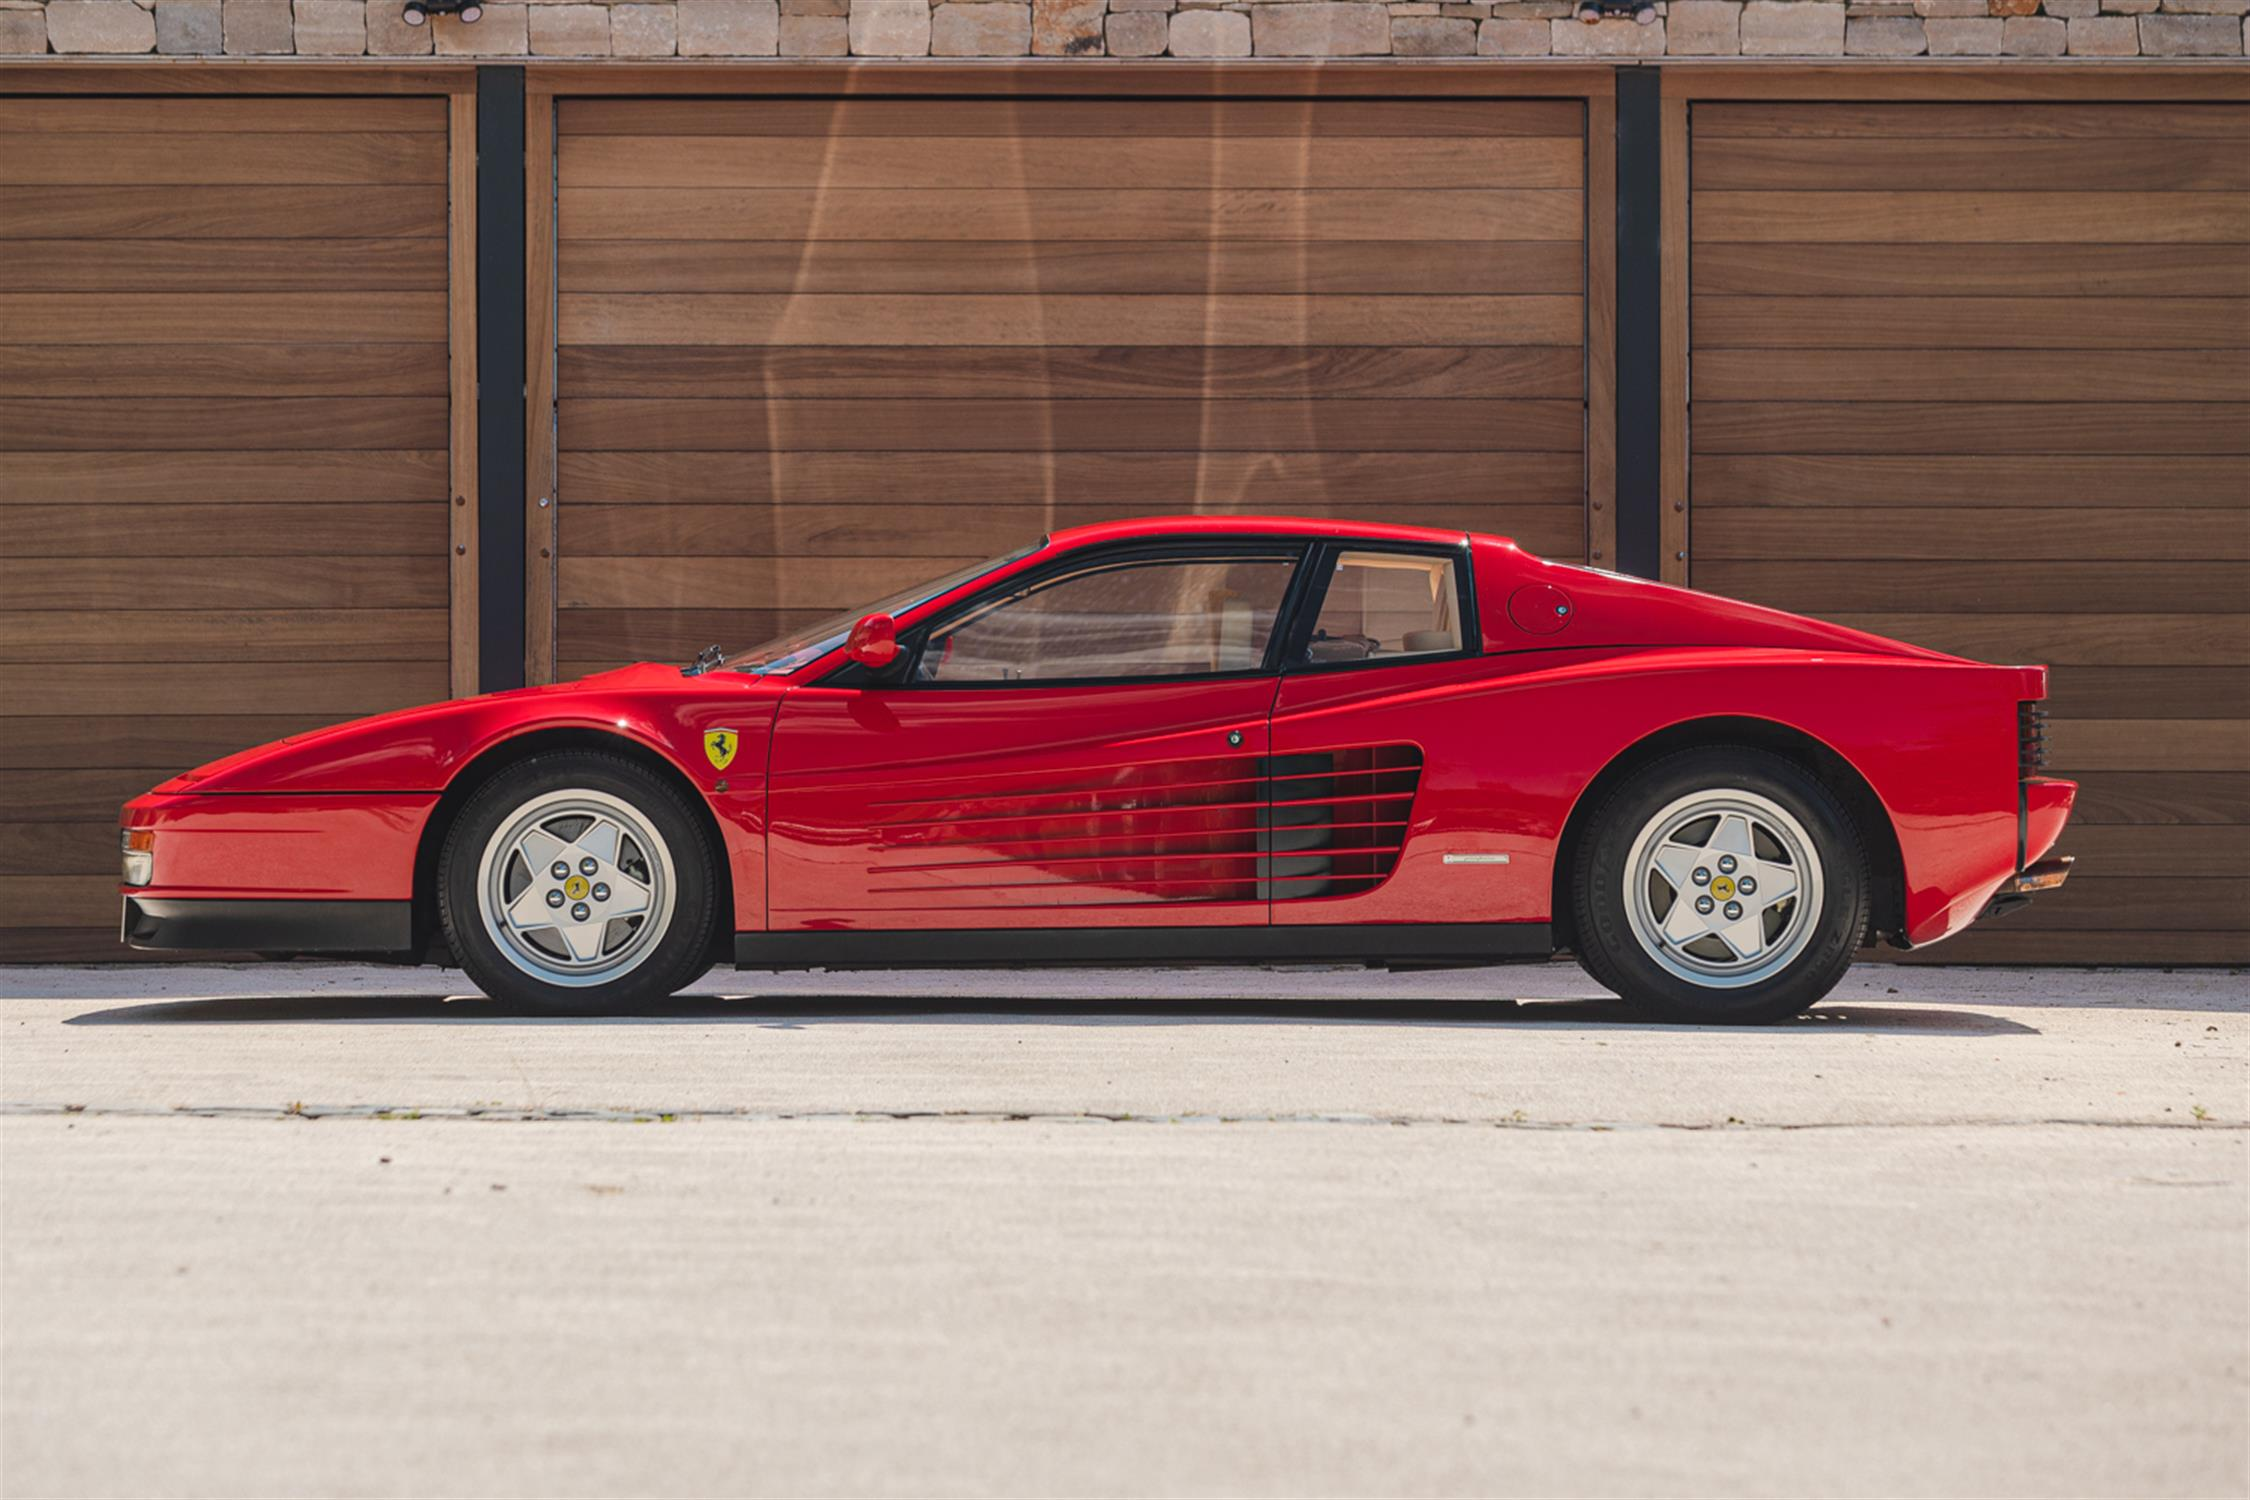 1991 Ferrari Testarossa - 1,829 Kilometres From New & Classiche'd - Image 8 of 15